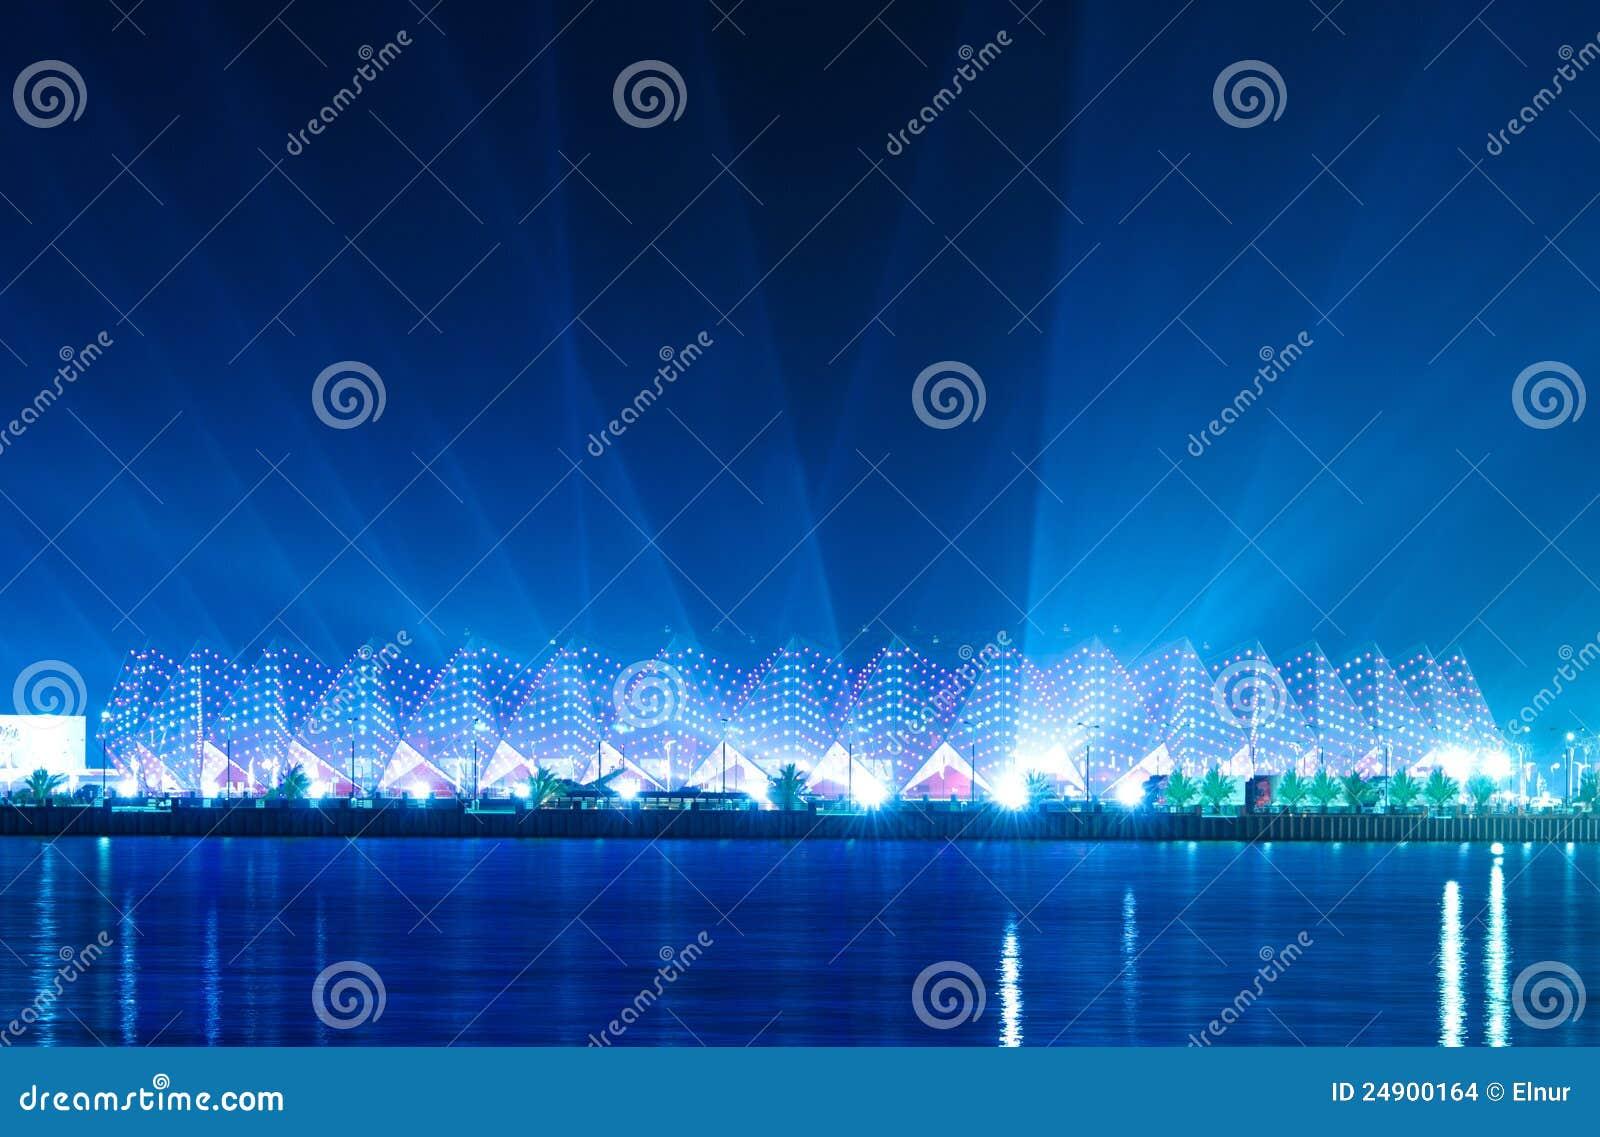 De zaal van het kristal het trefpunt van eurovisie 2012 redactionele stock afbeelding - Versiering van de zaal van het tienermeisje van ...